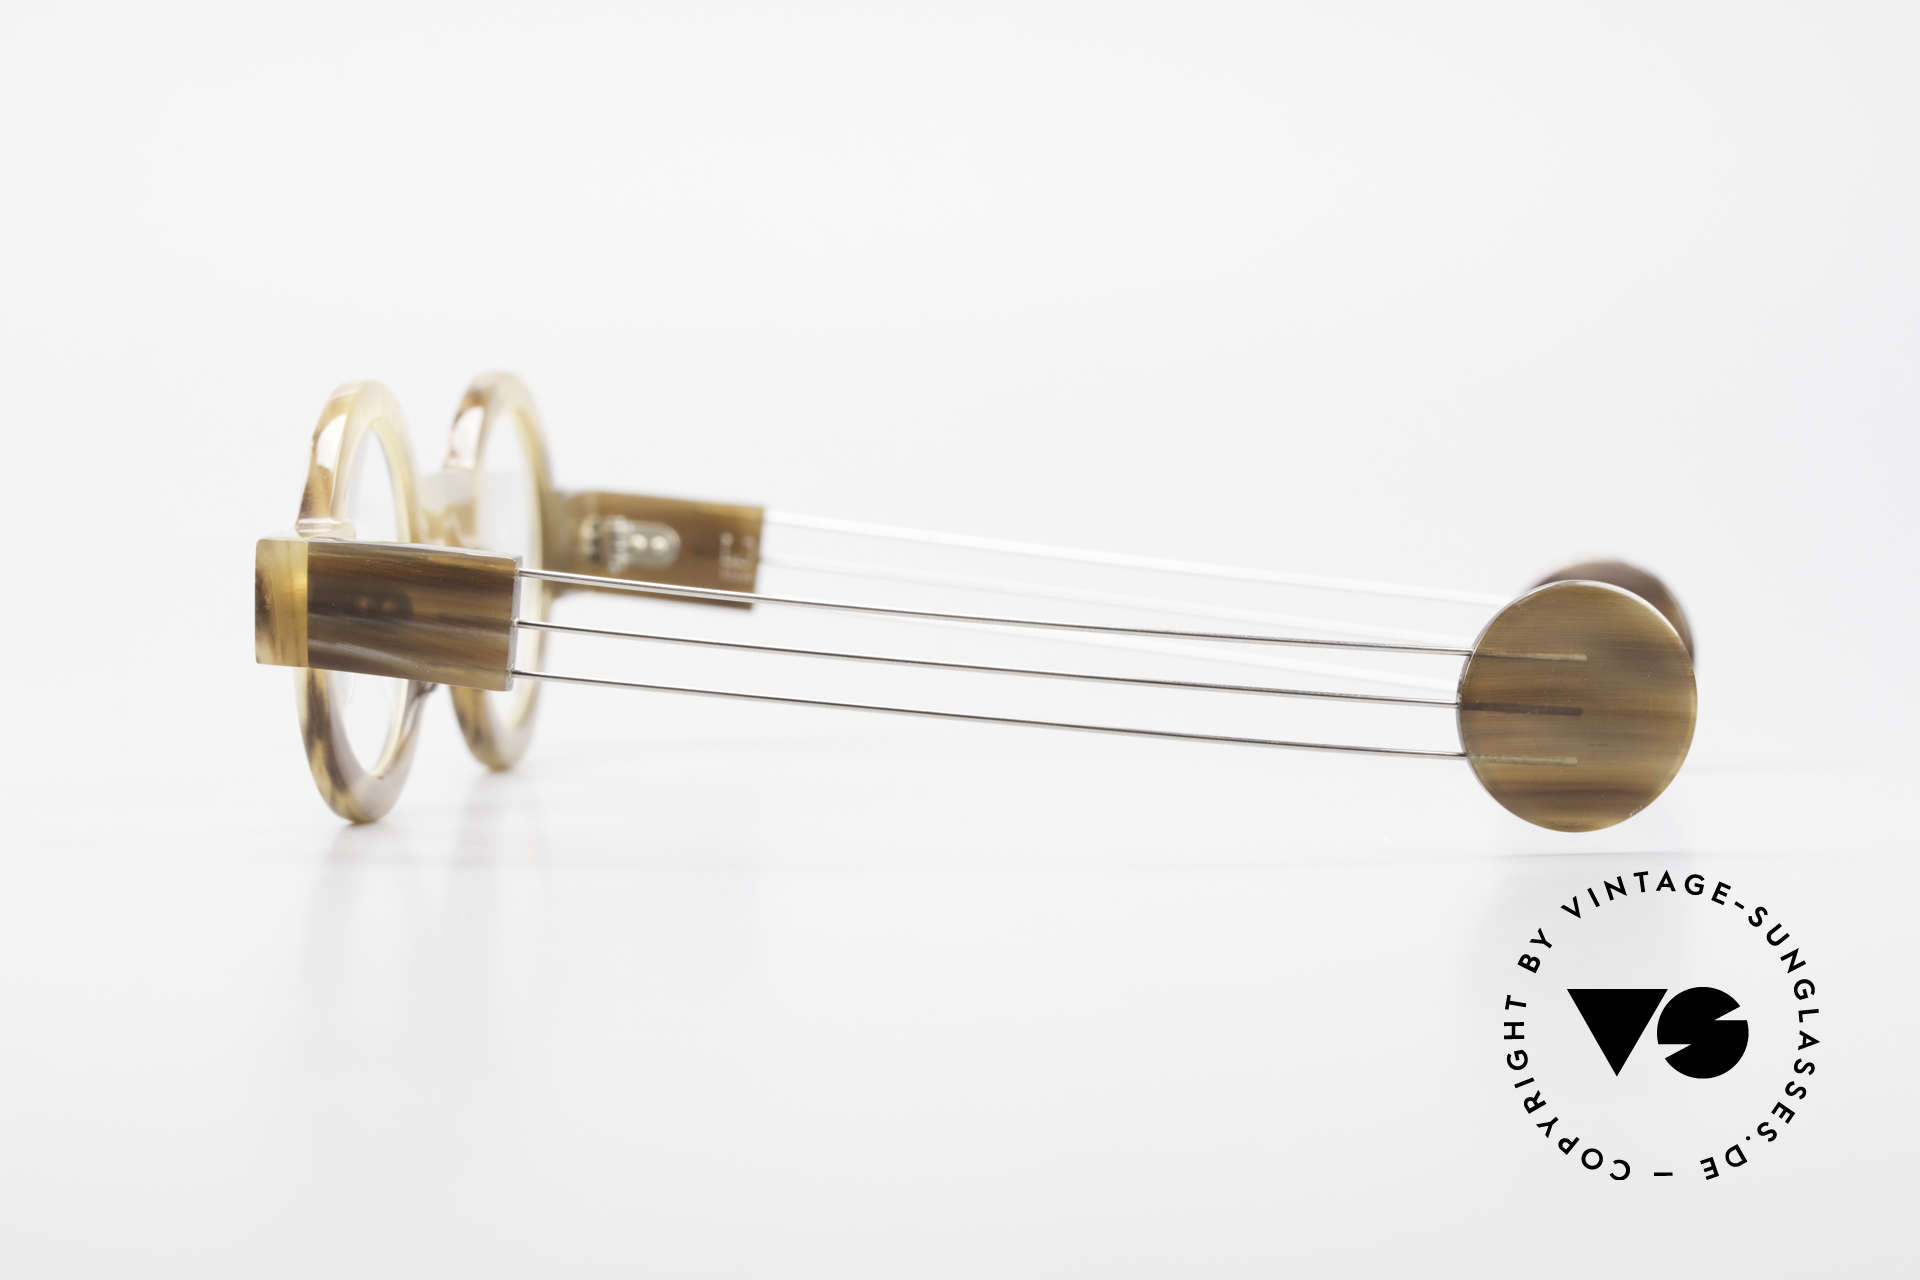 P. Klenk Bold 022 Runde Hornbrille Einzelstück, mit eindrehbaren Metall-Bügeln (originelles Gimmick), Passend für Herren und Damen